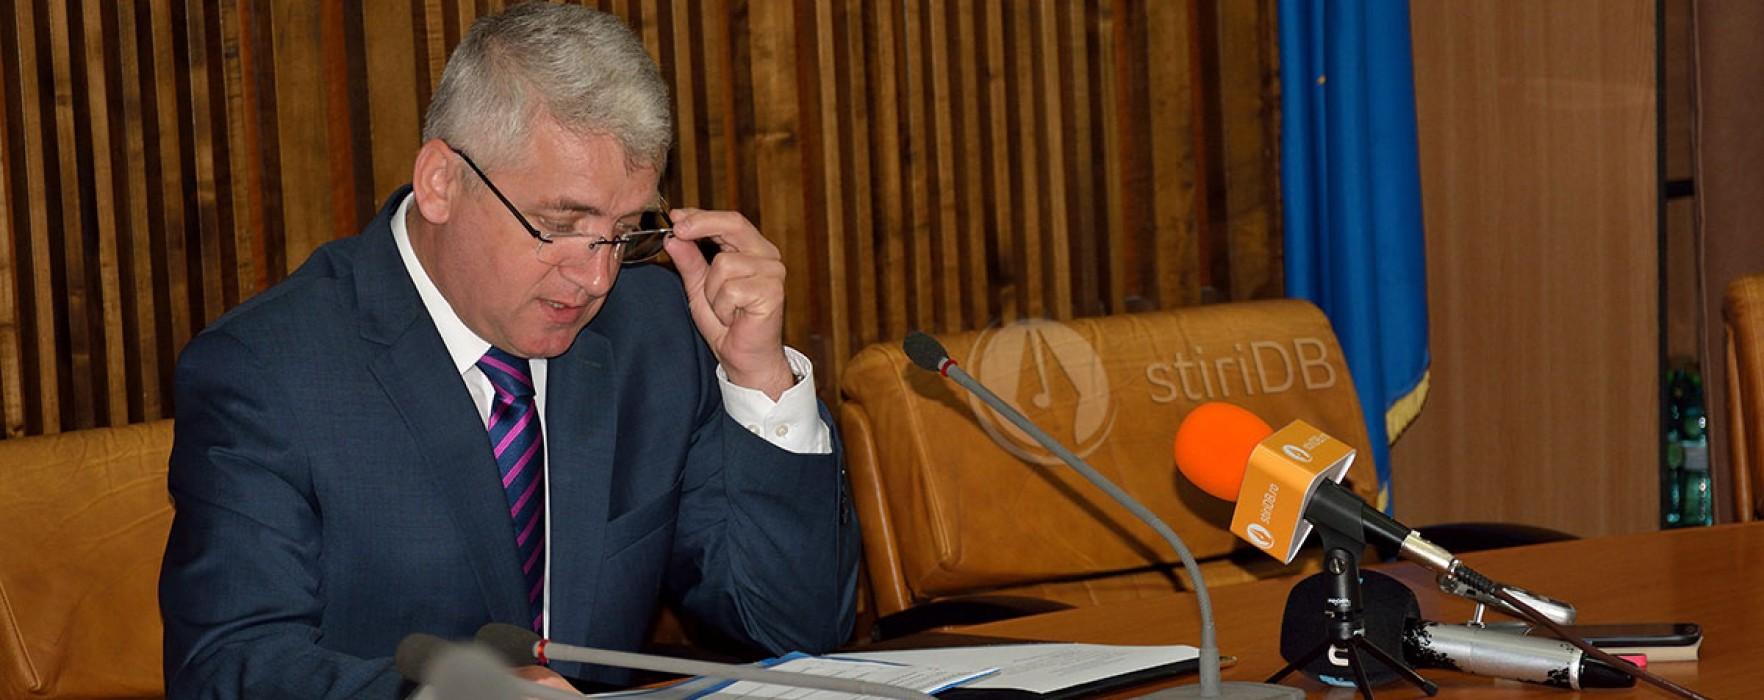 Adrian Ţuţuianu: Calificarea în domenii ce nu se caută, principala cauză a lipsei forţei de muncă